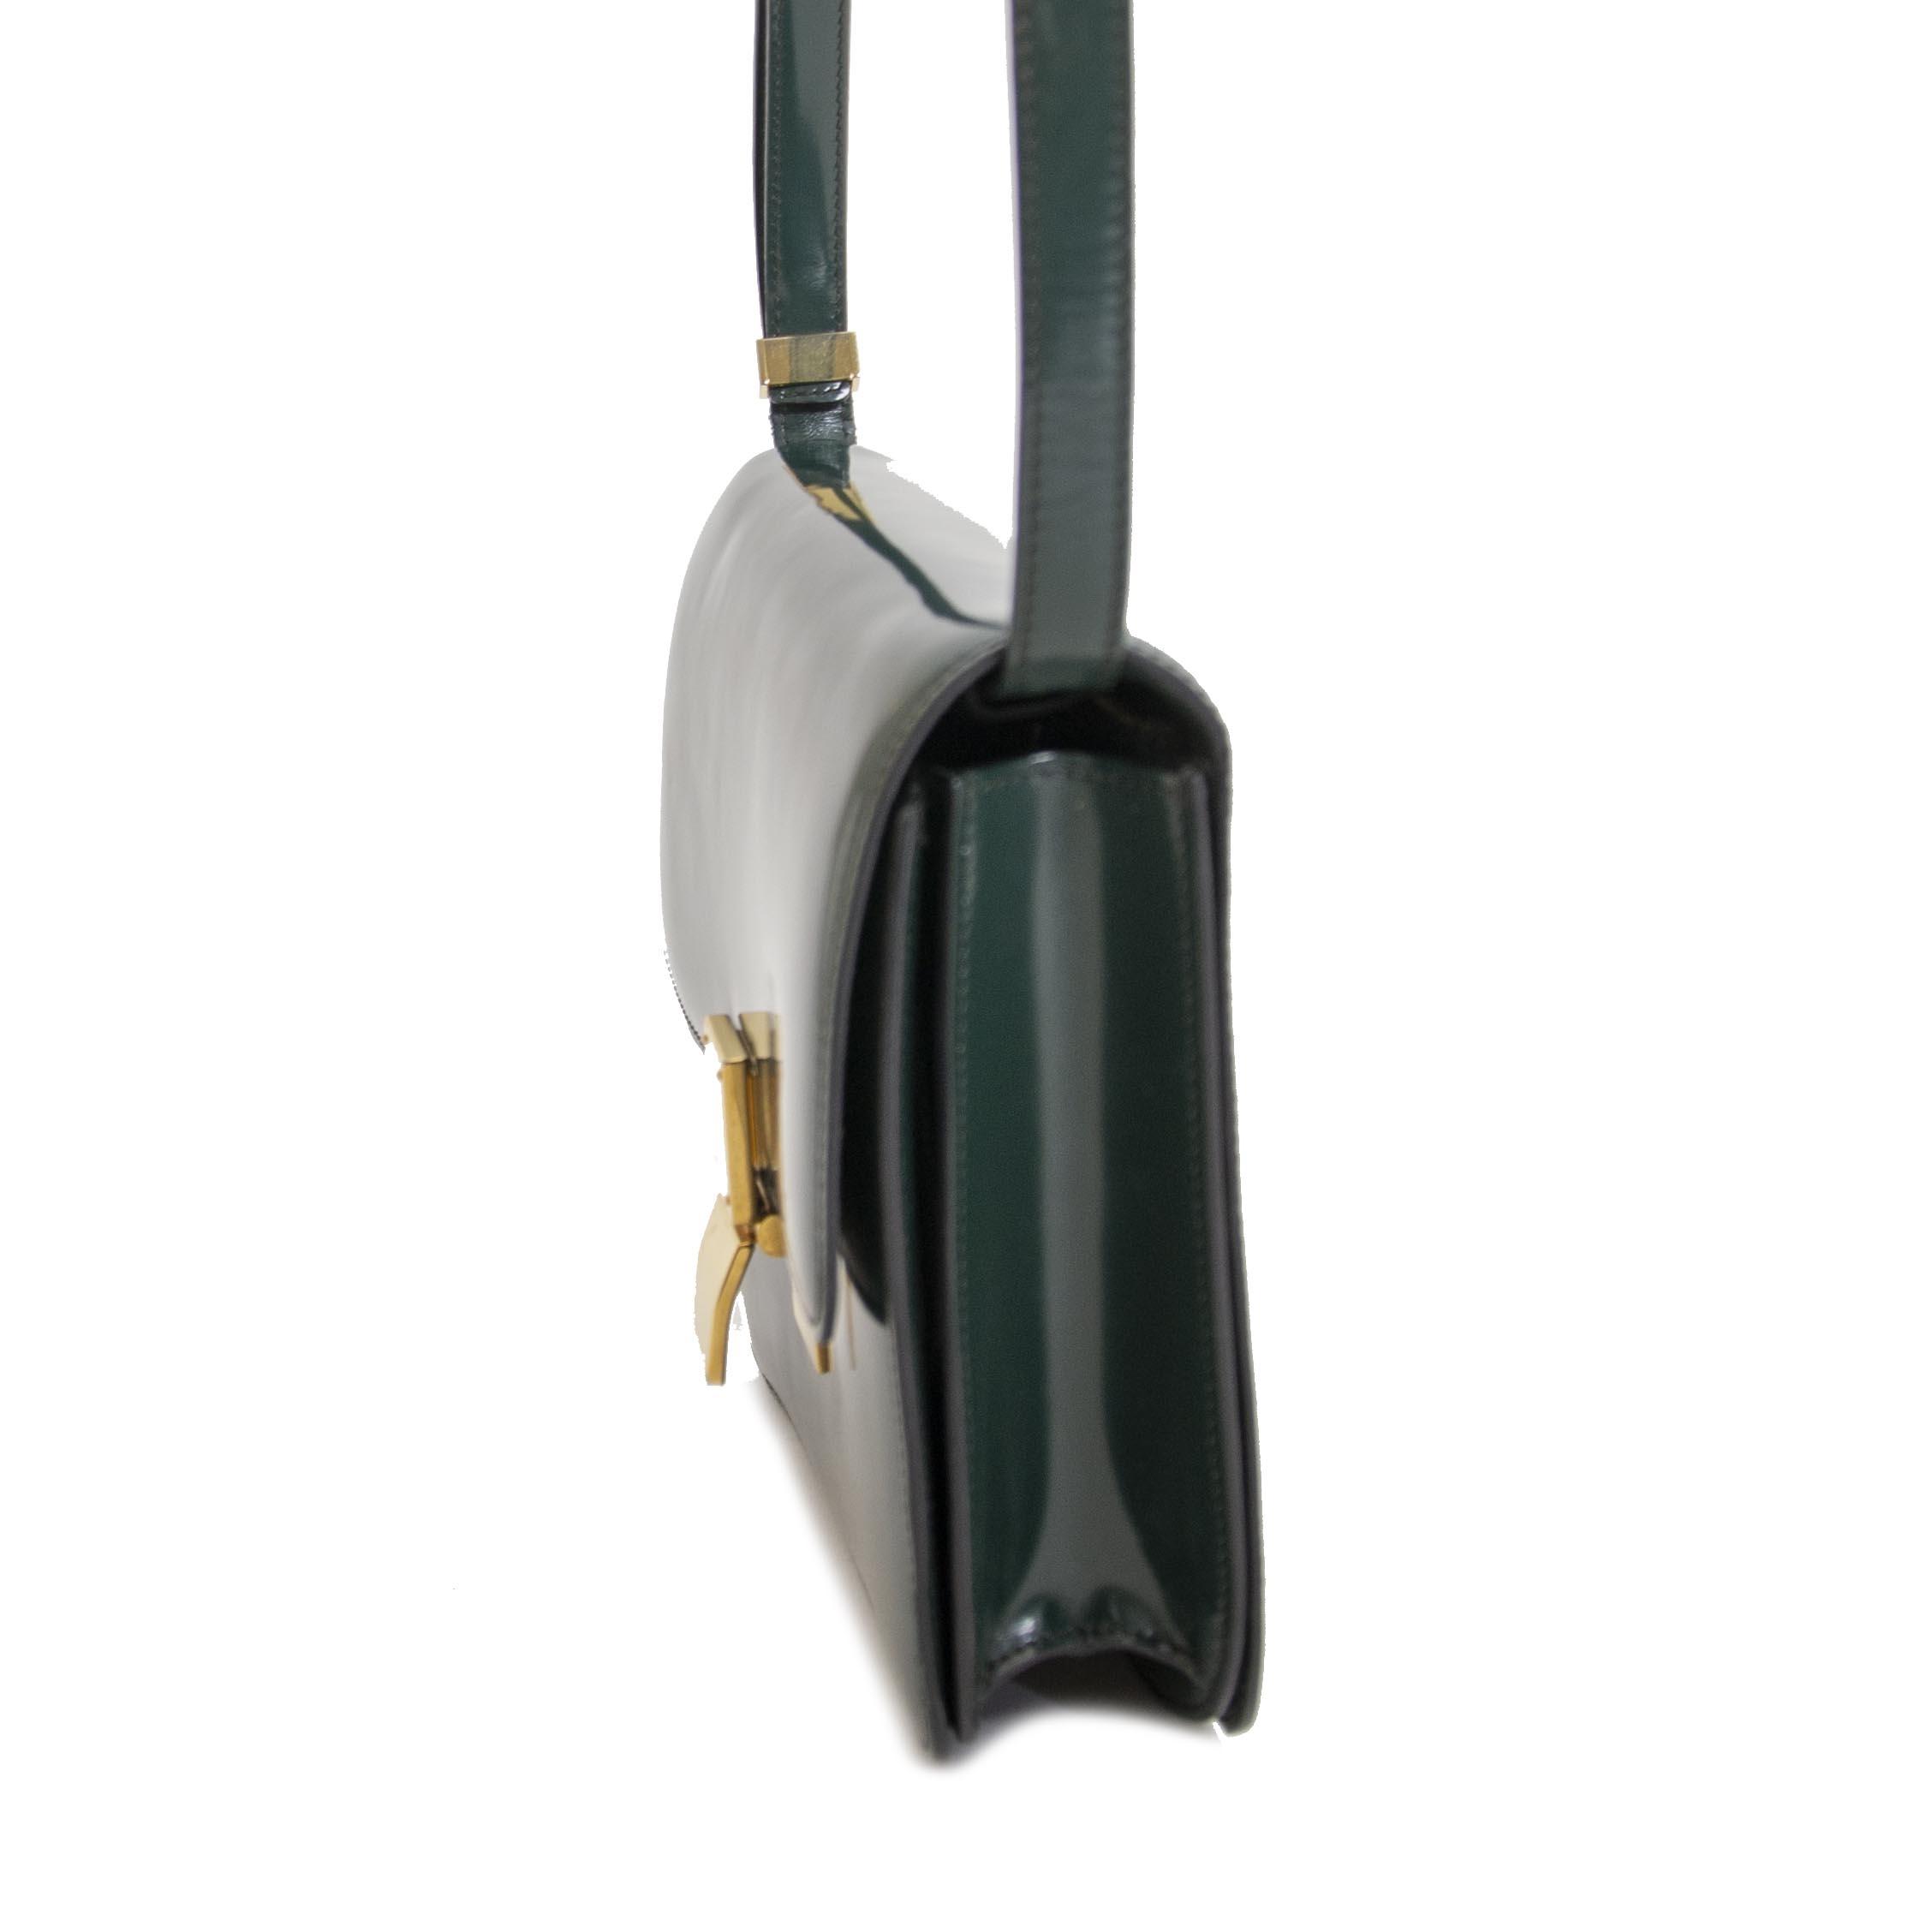 acheter en ligne seconde main koop veilig online tegen de beste prijs Celine Classic Green Patent Leather Bag